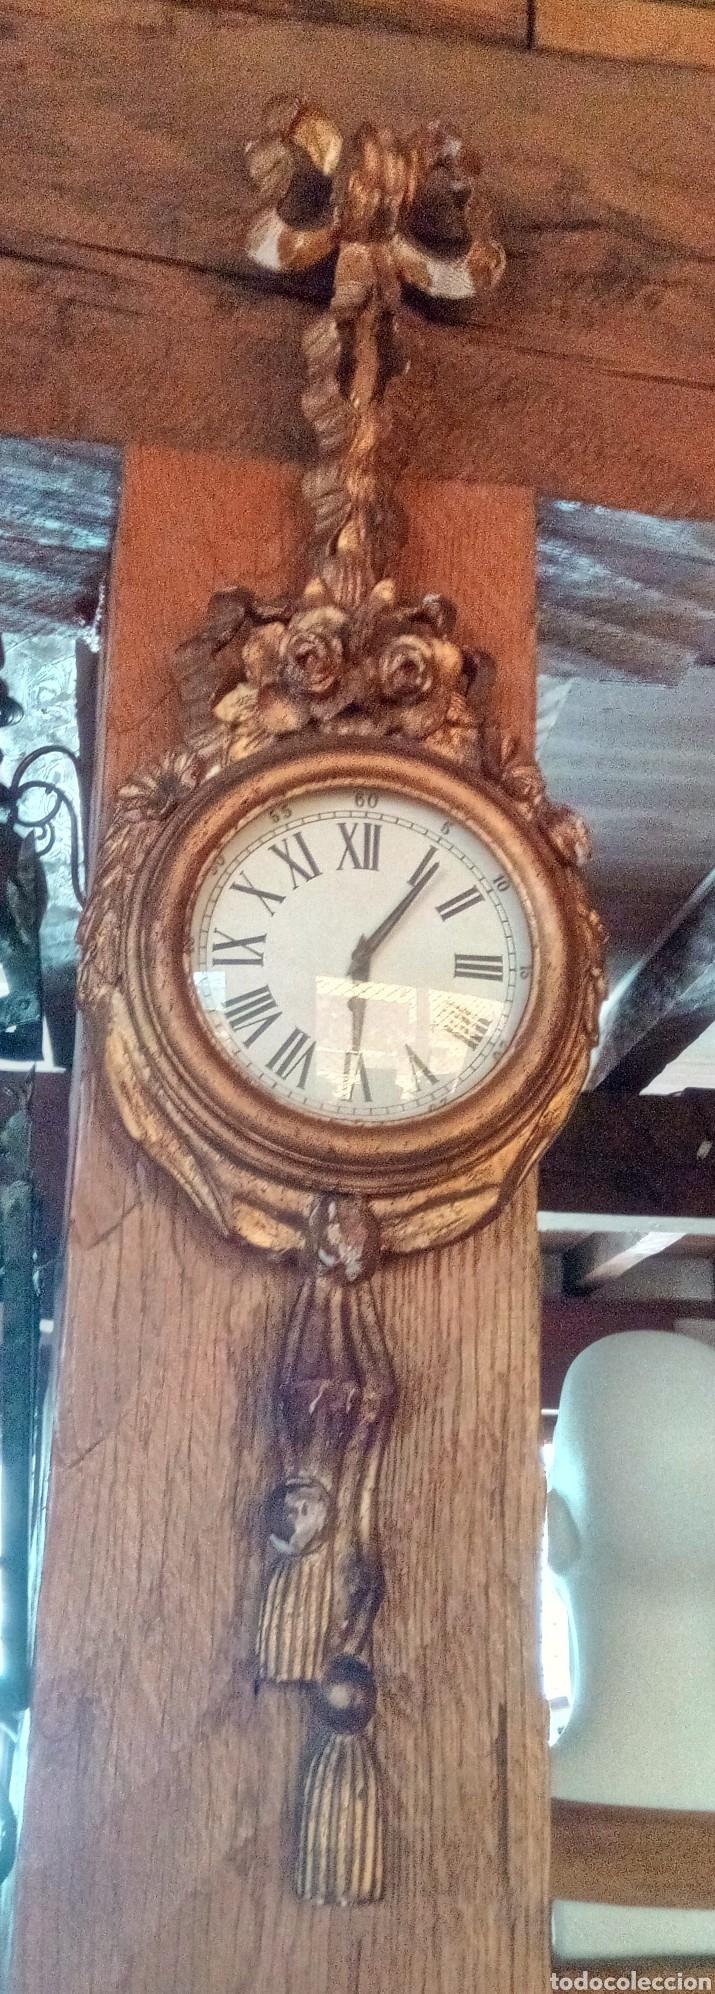 Relojes de pared: Reloj pared - Foto 3 - 112147596